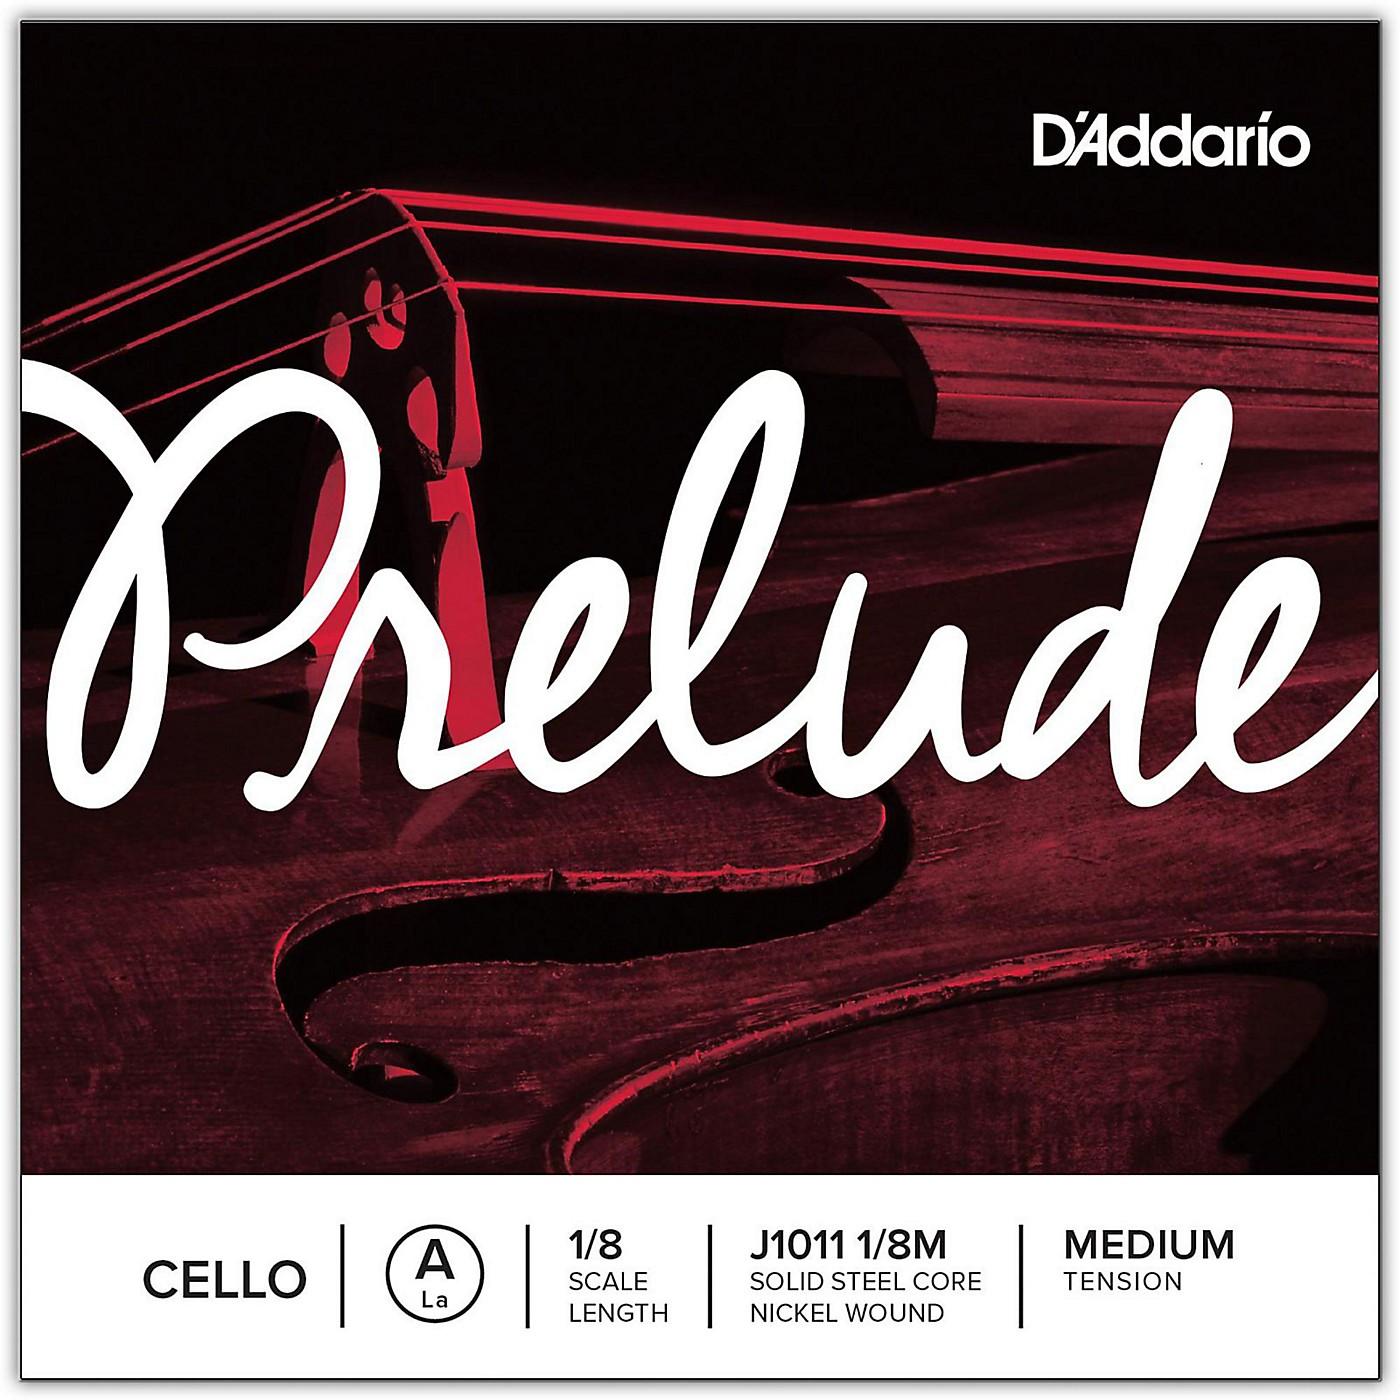 D'Addario Prelude Cello A String thumbnail